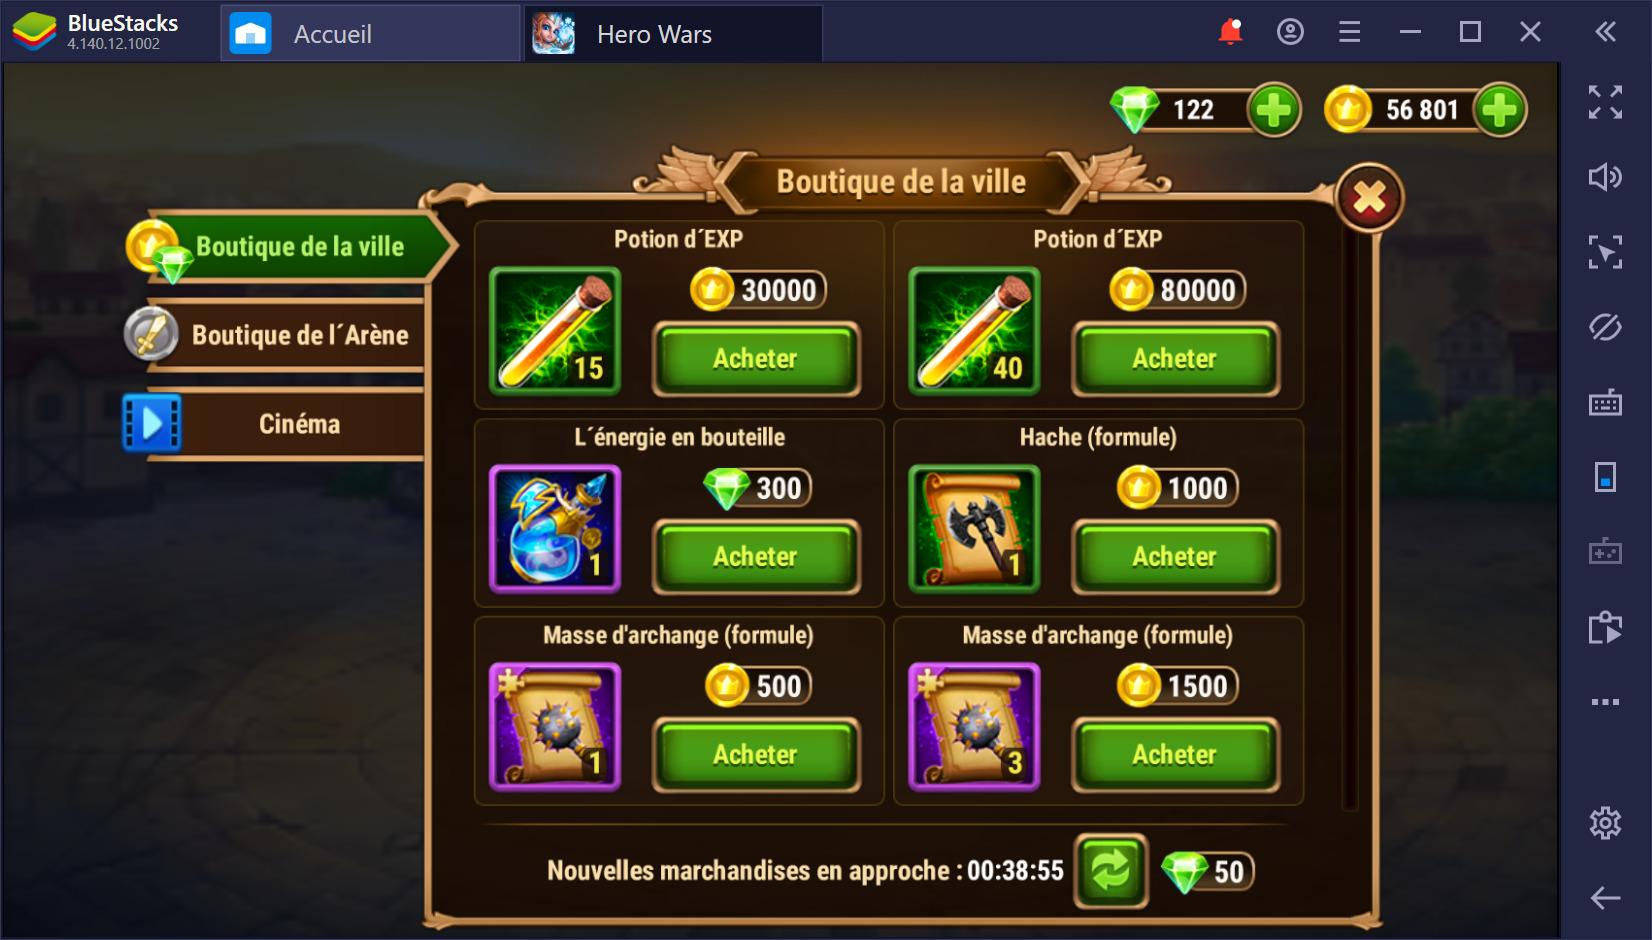 Guide BlueStacks sur le farming dans Hero Wars sur PC